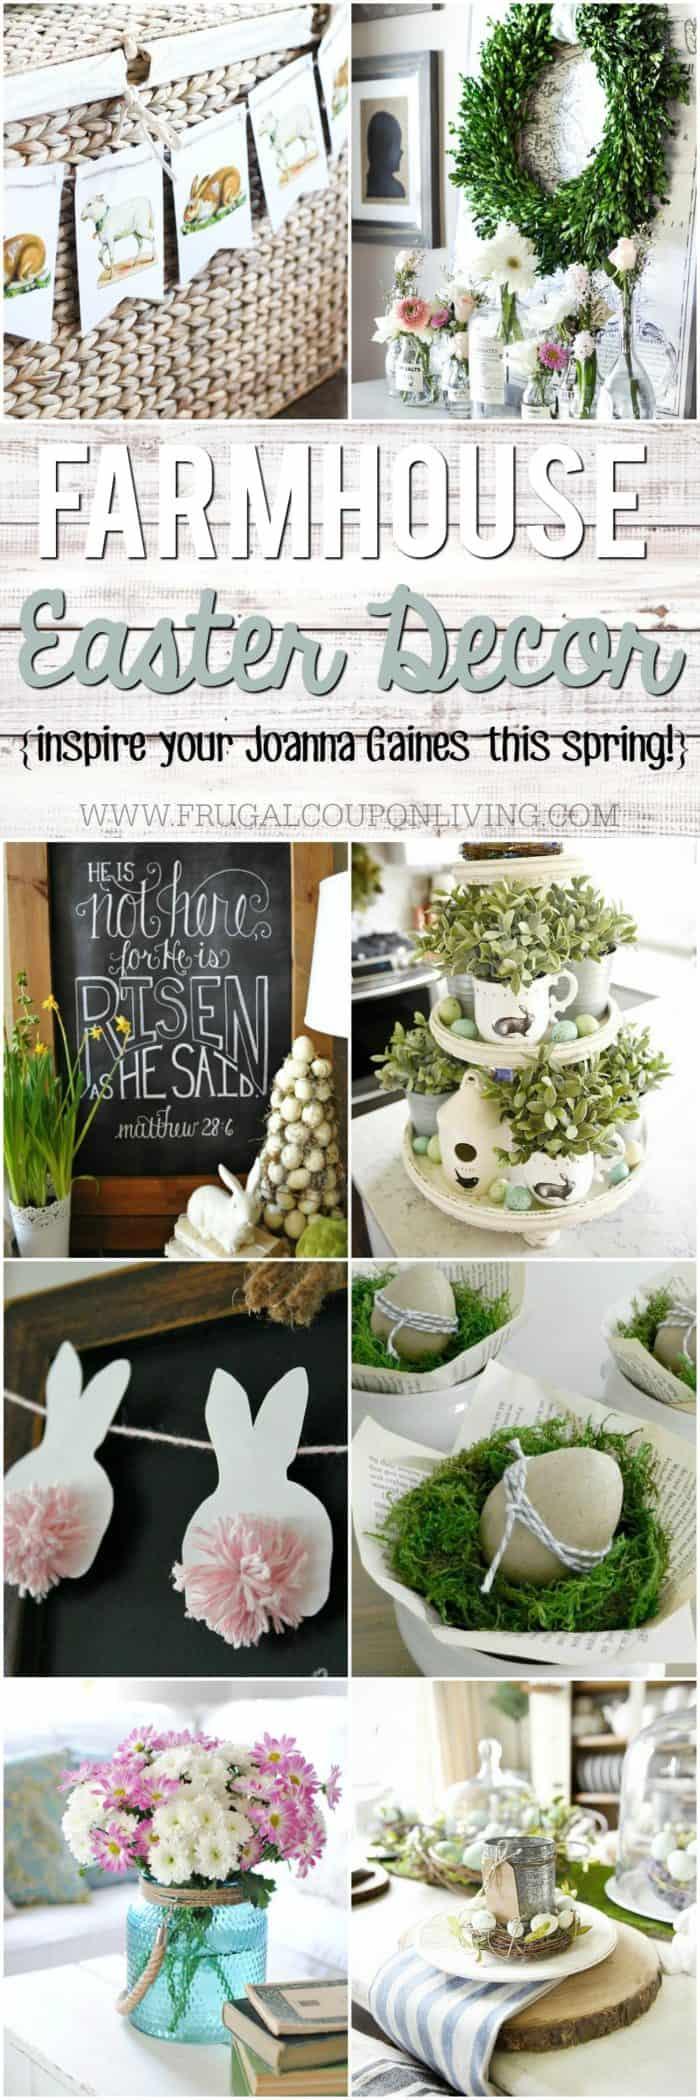 Inspiring Farmhouse Easter Decor